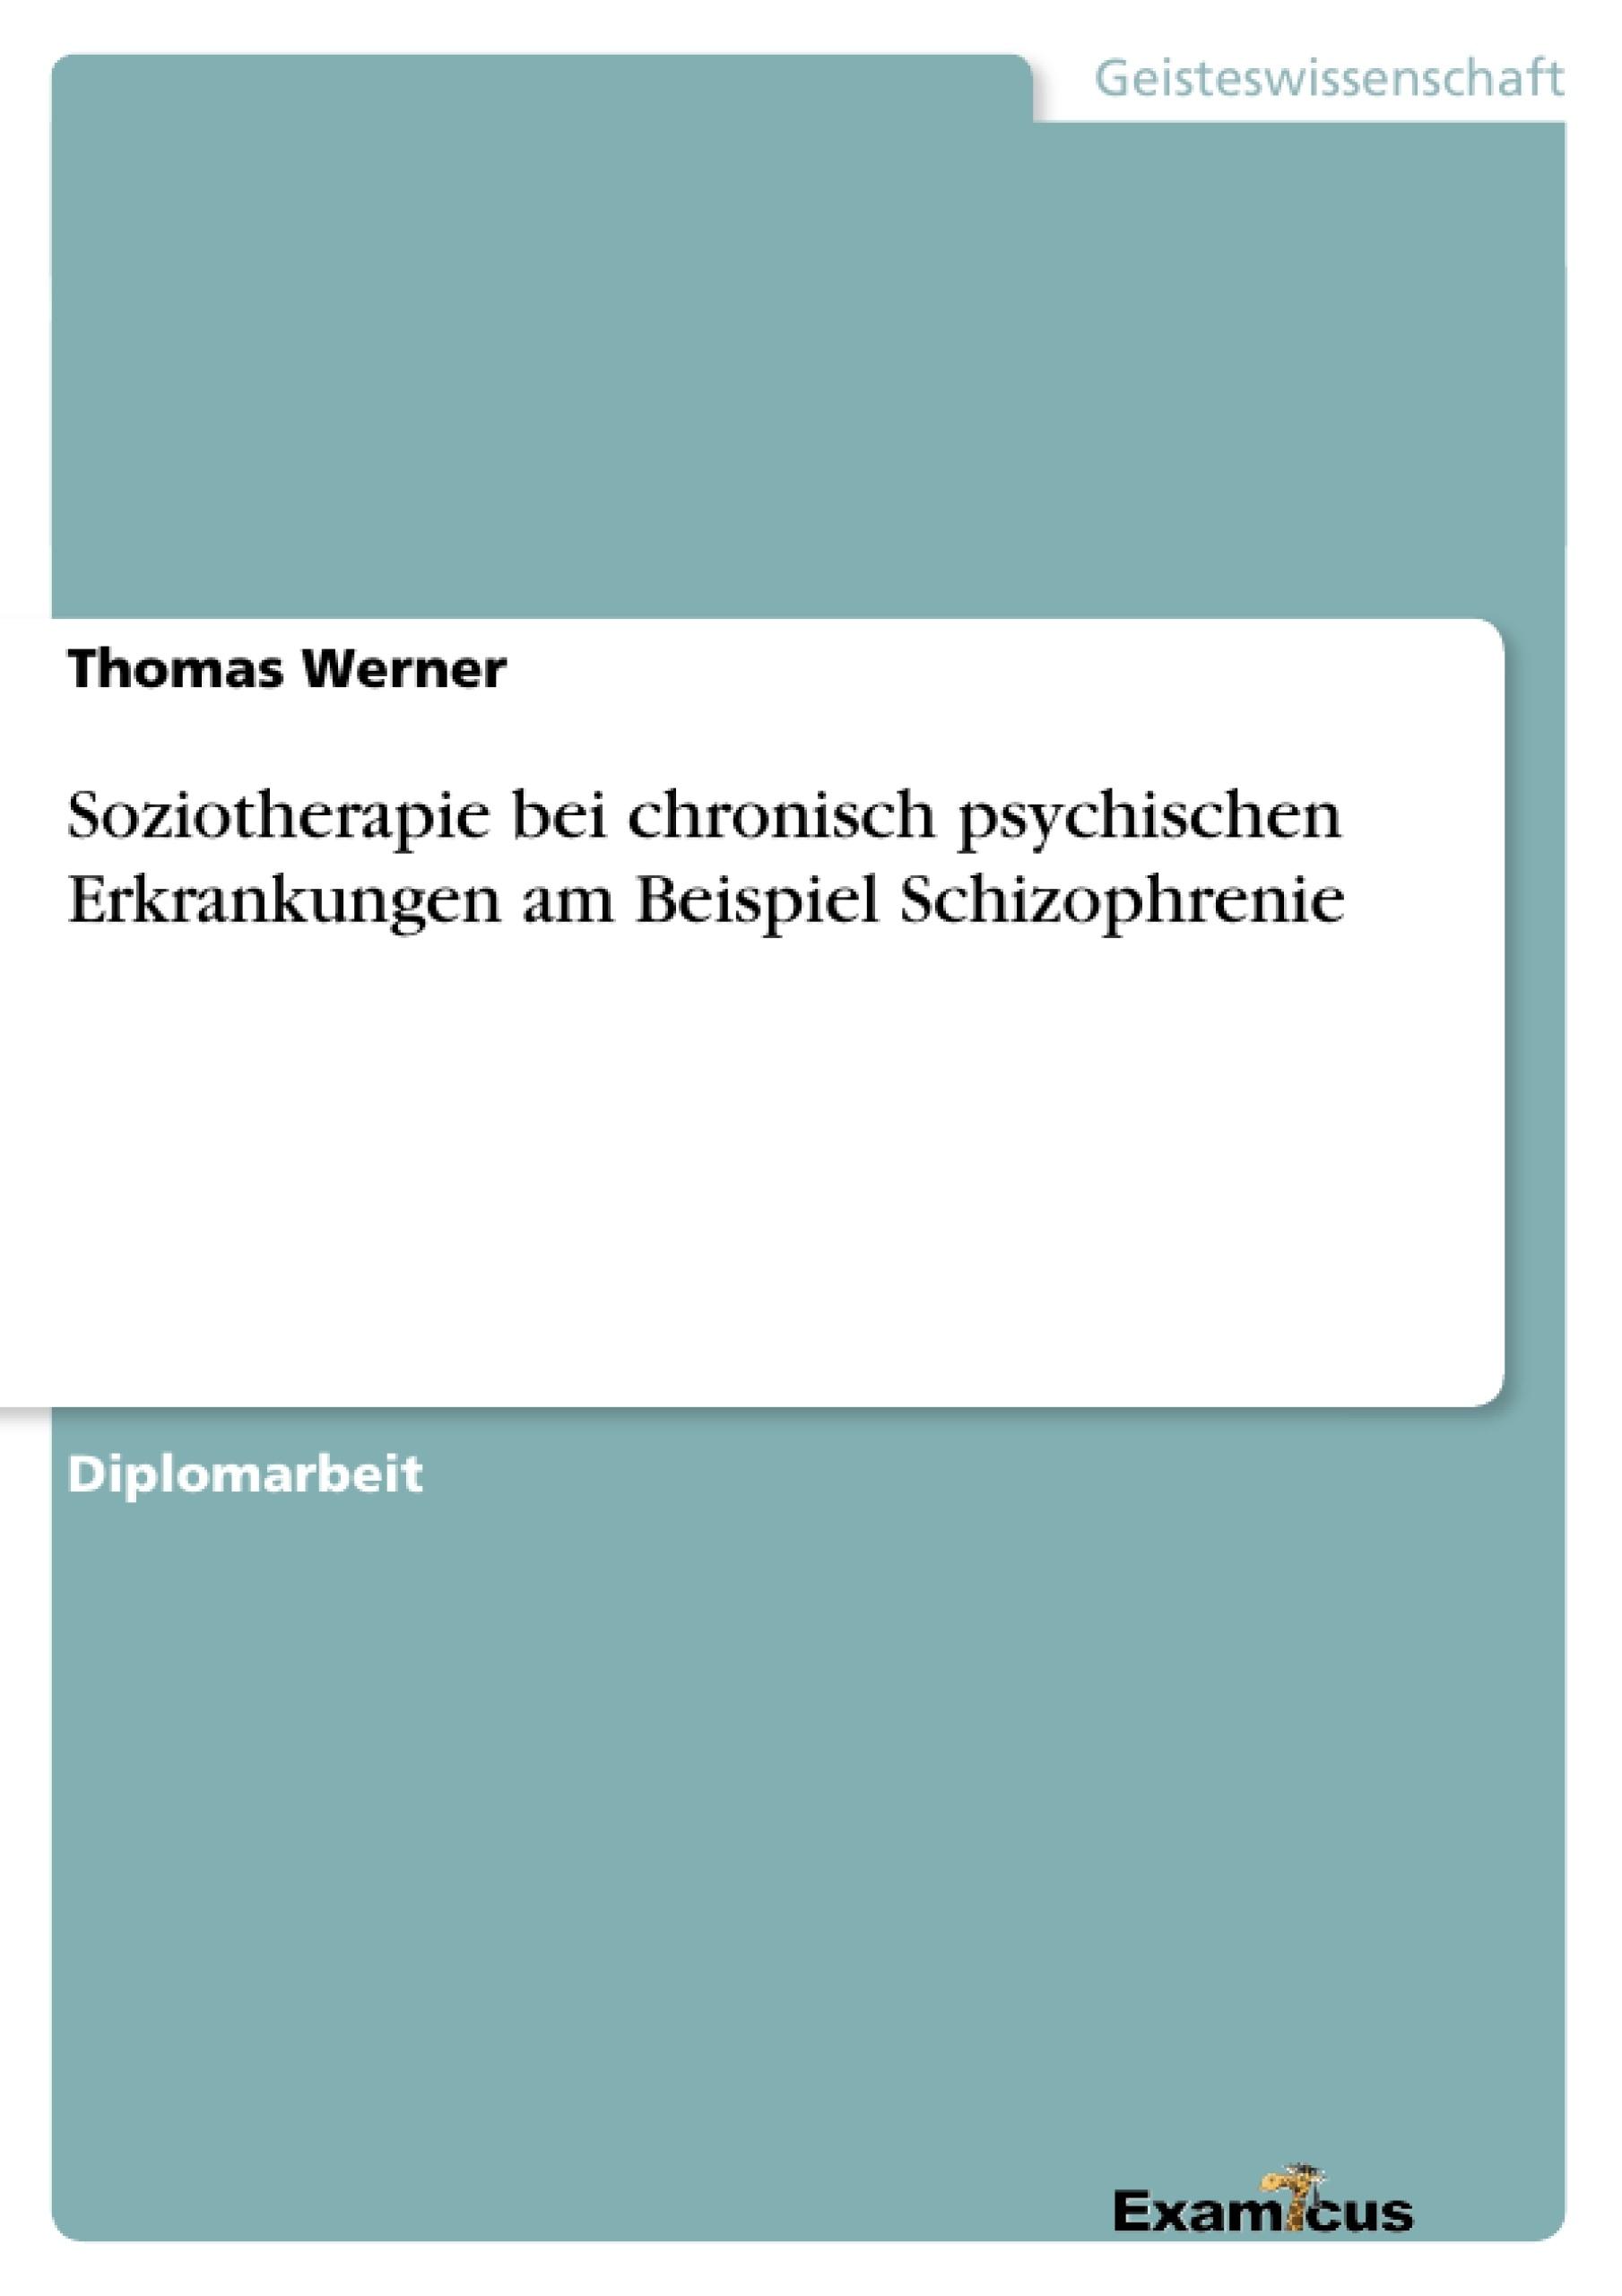 Titel: Soziotherapie bei chronisch psychischen Erkrankungen am Beispiel Schizophrenie